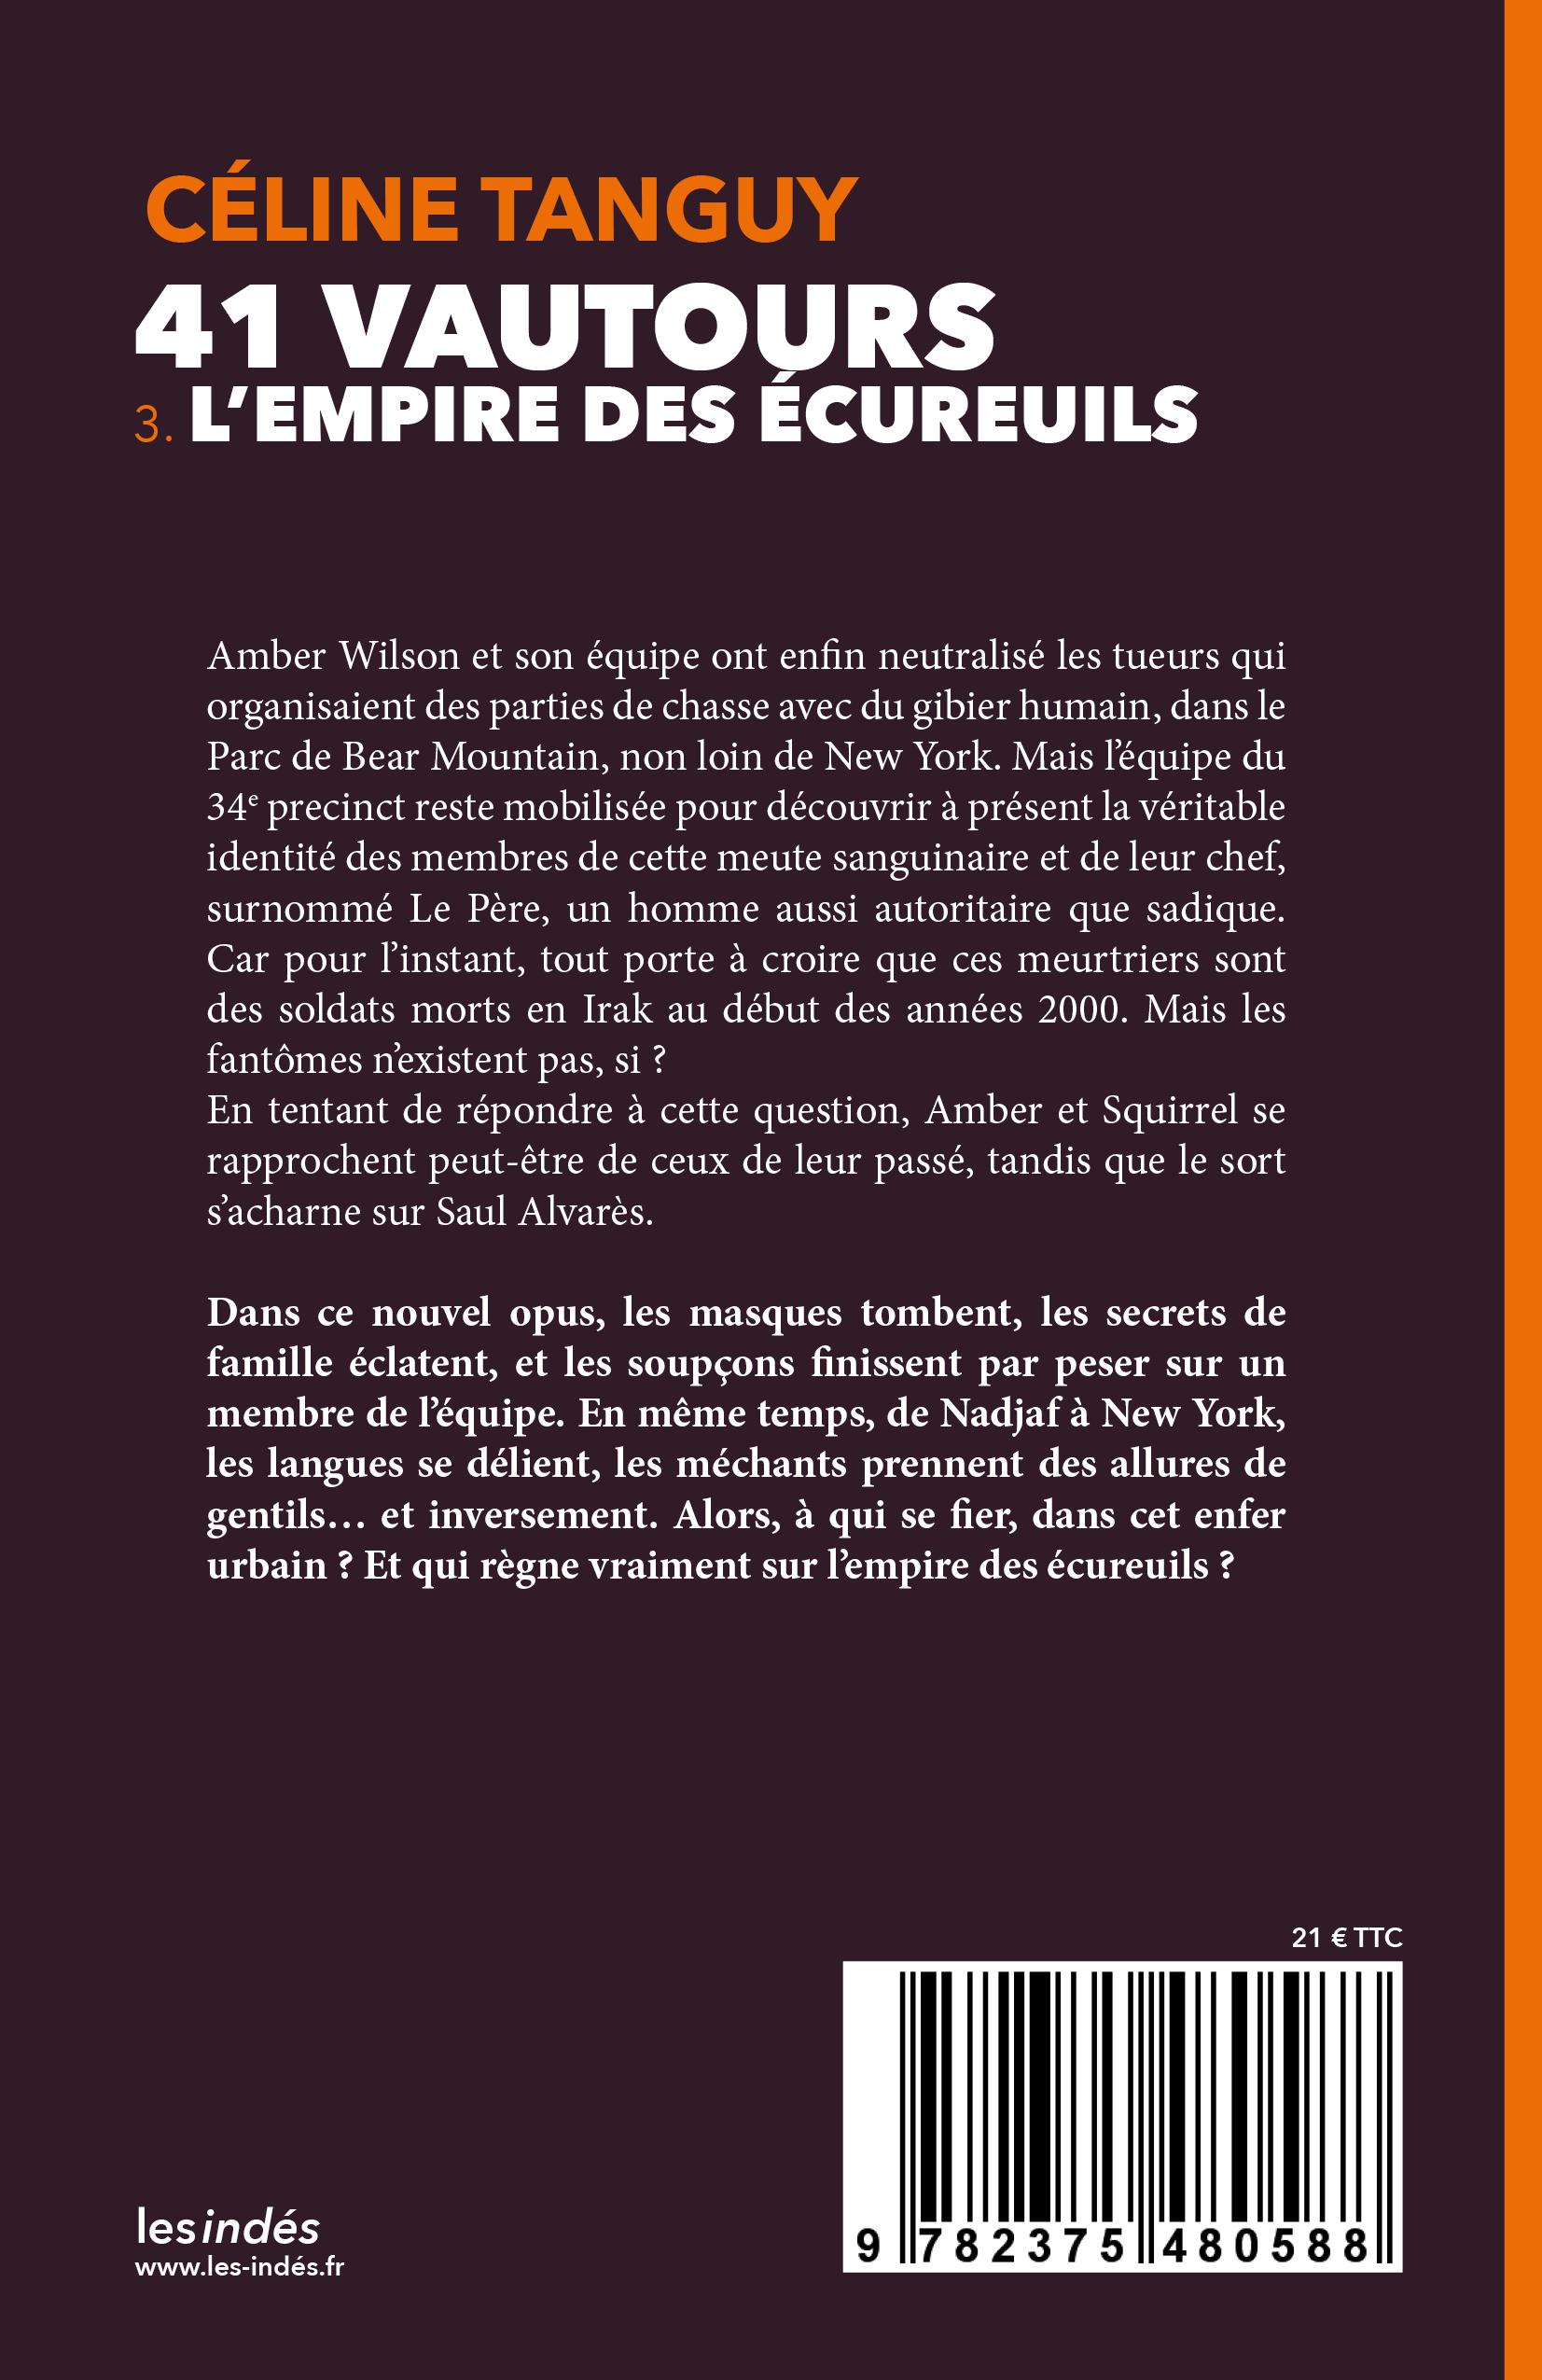 CV4_L'Empire des écureuils